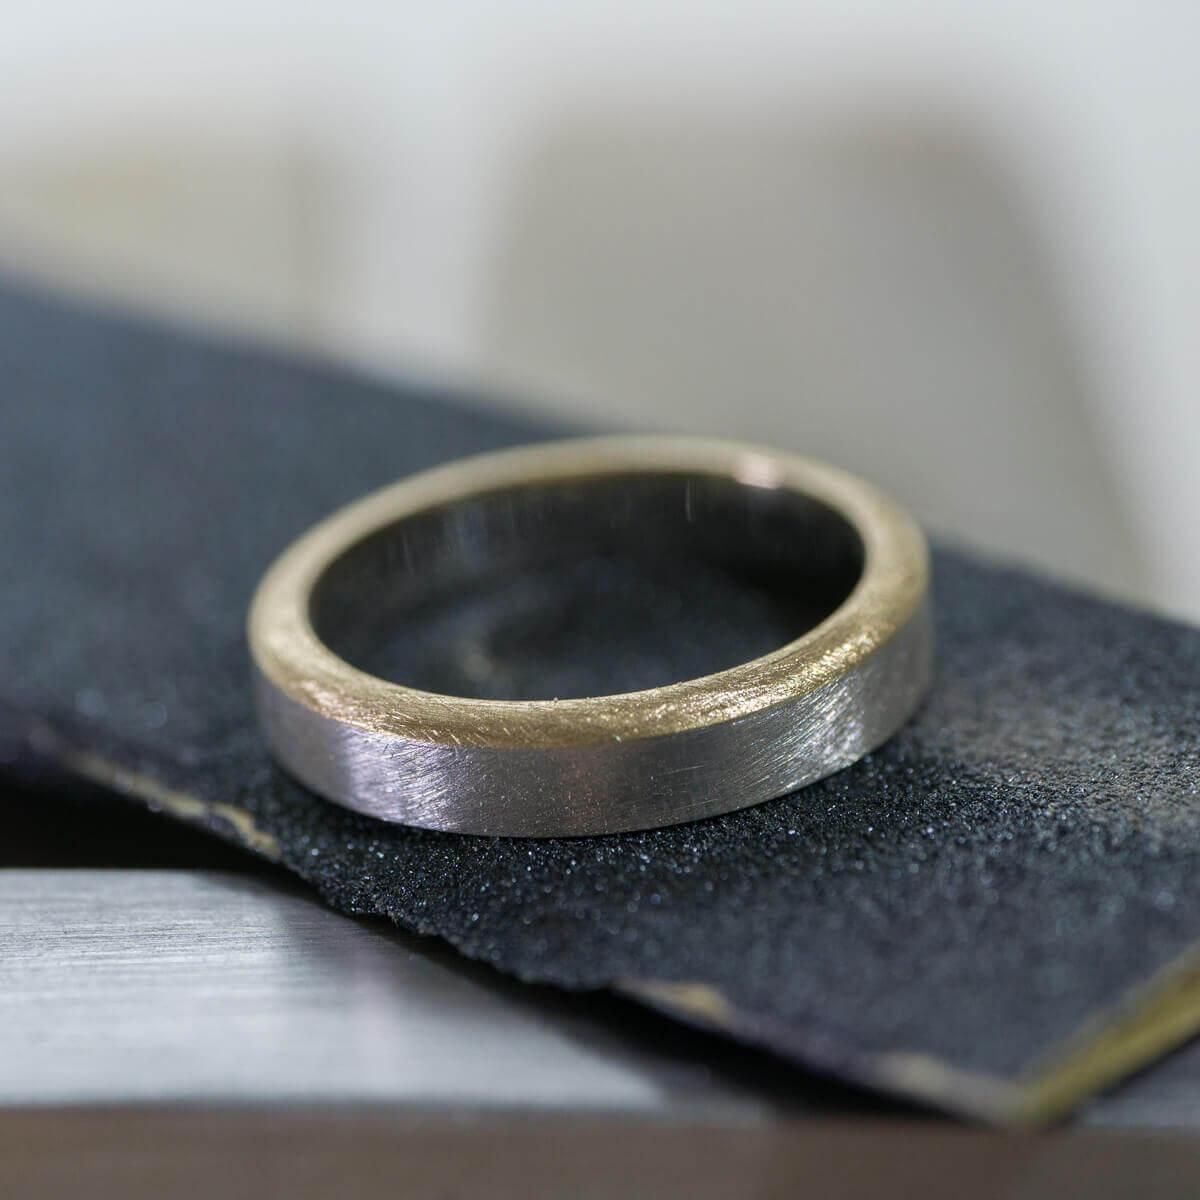 お二人の好きな柔らかい質感を形づくる。苗字にちなんでデザインした、コンビネーションの結婚指輪